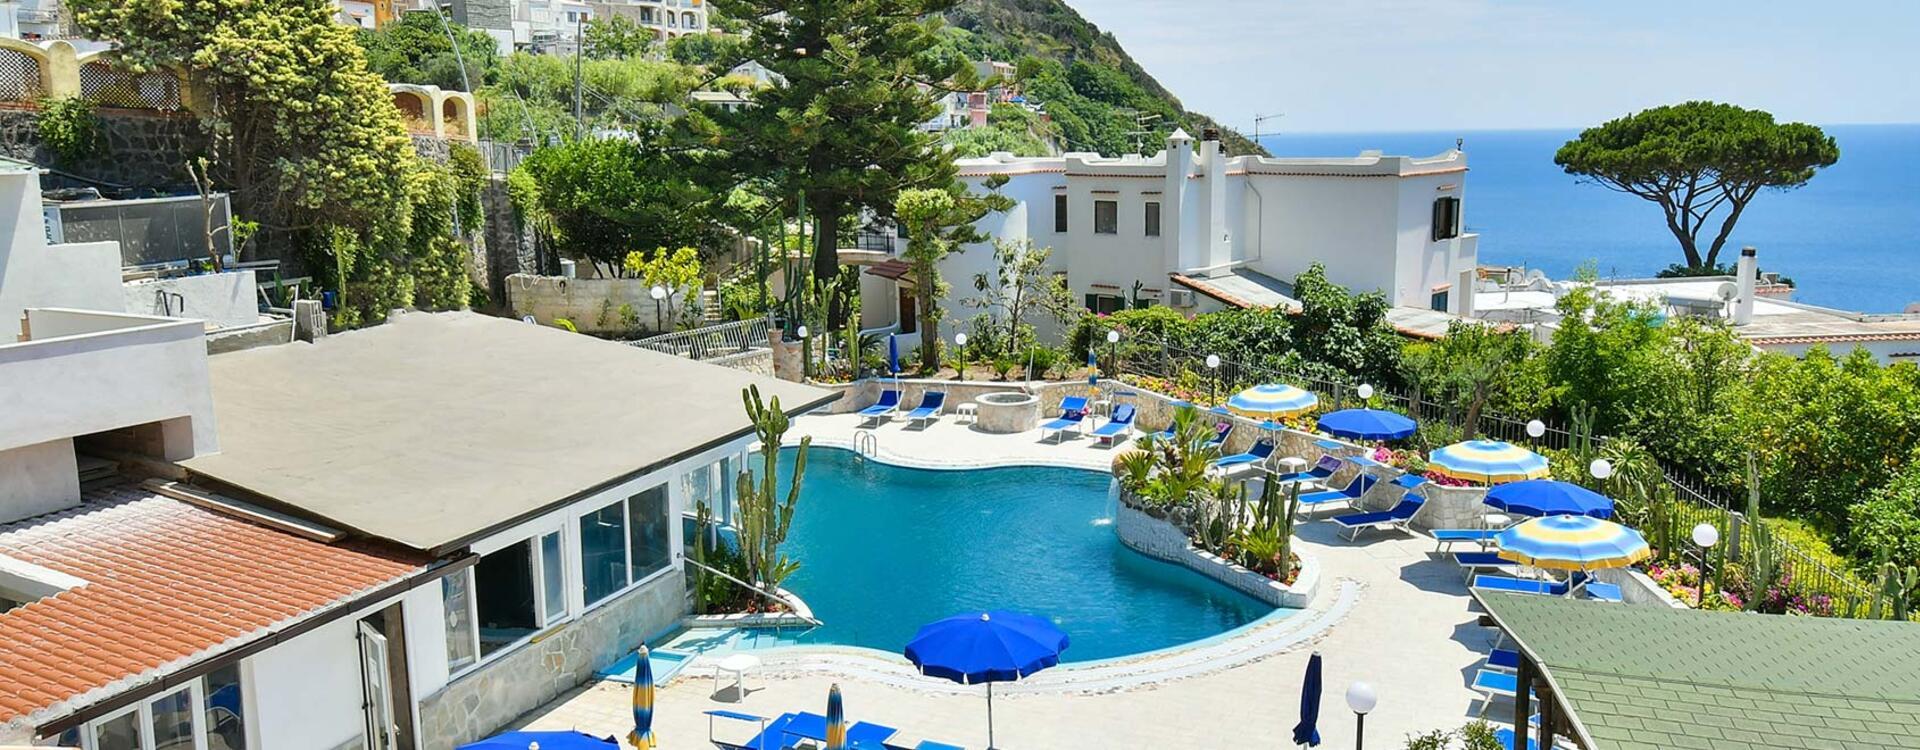 hotelsaintraphaelischia it servizi-hotel-4-stelle 009